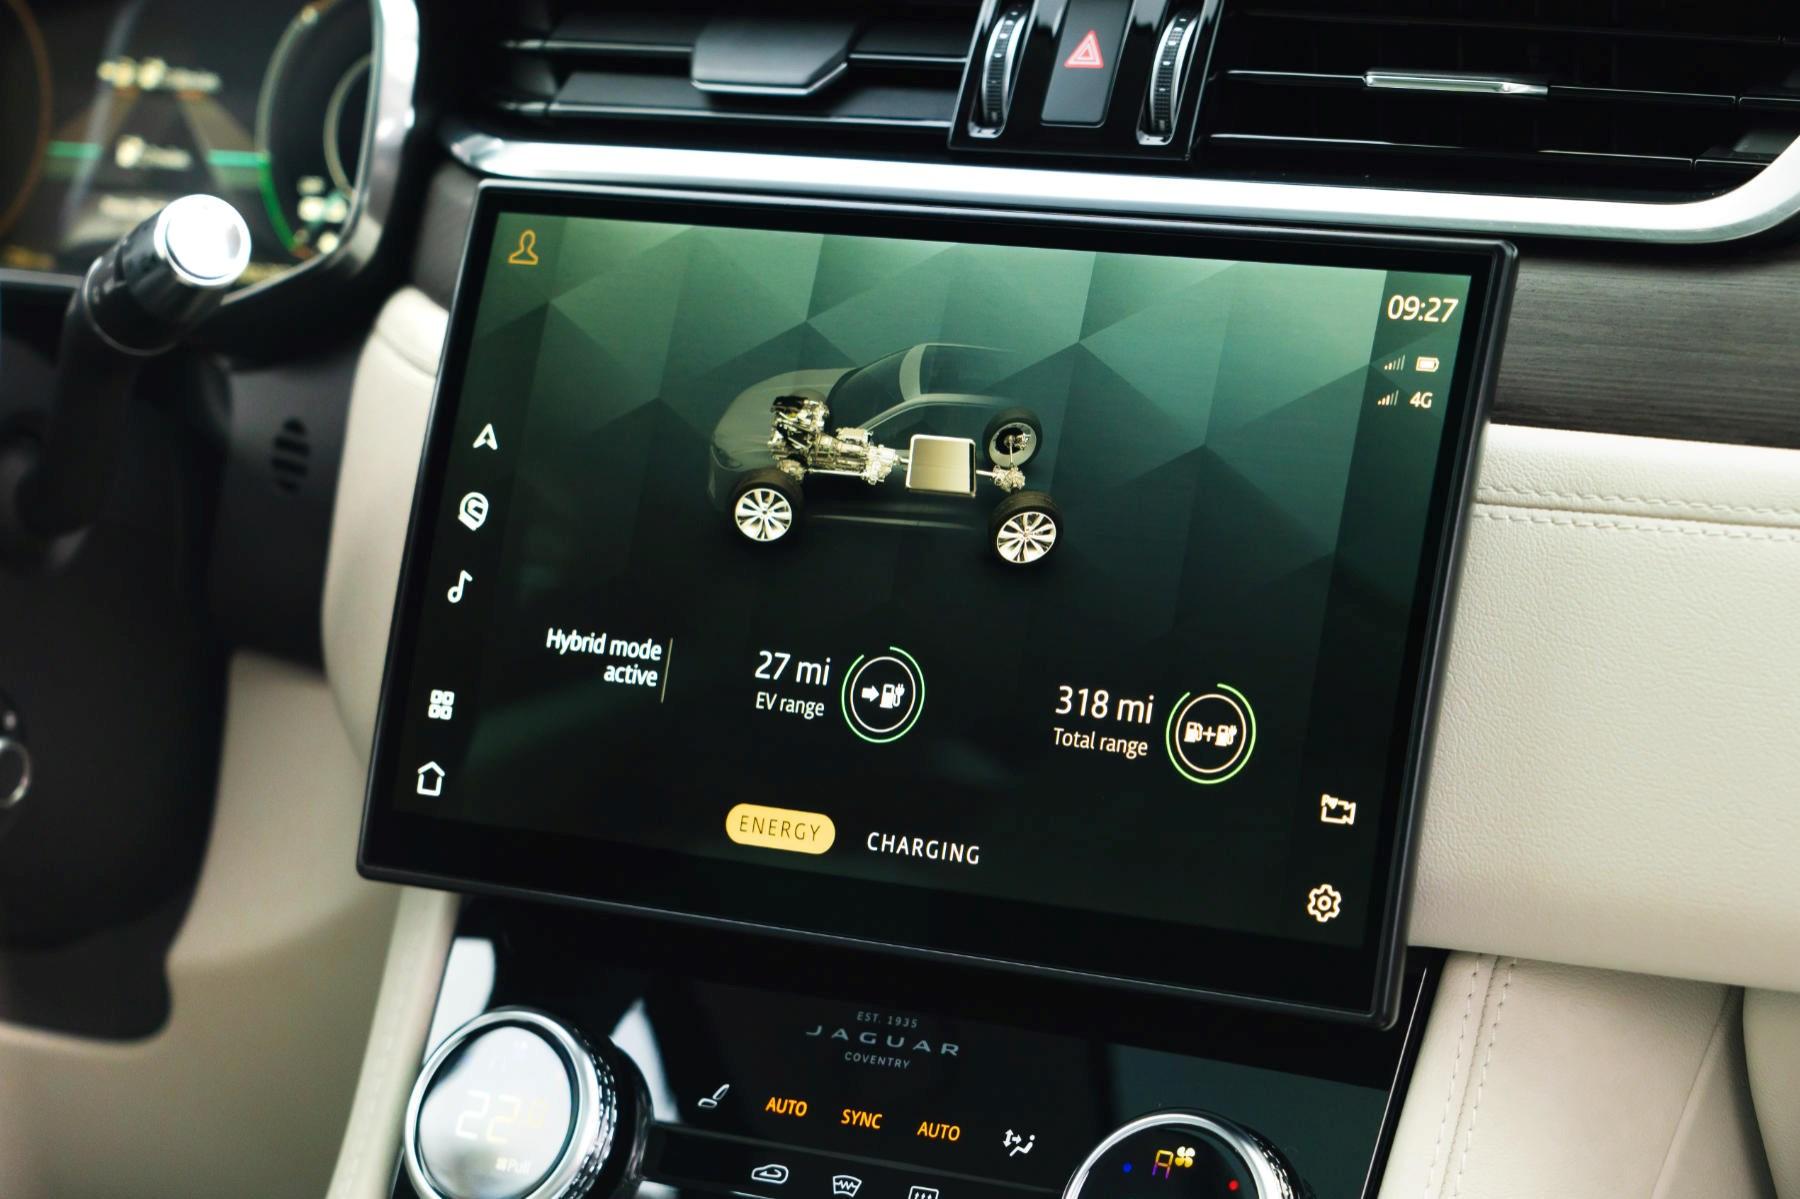 Jaguar F-Pace hybrid infotainment